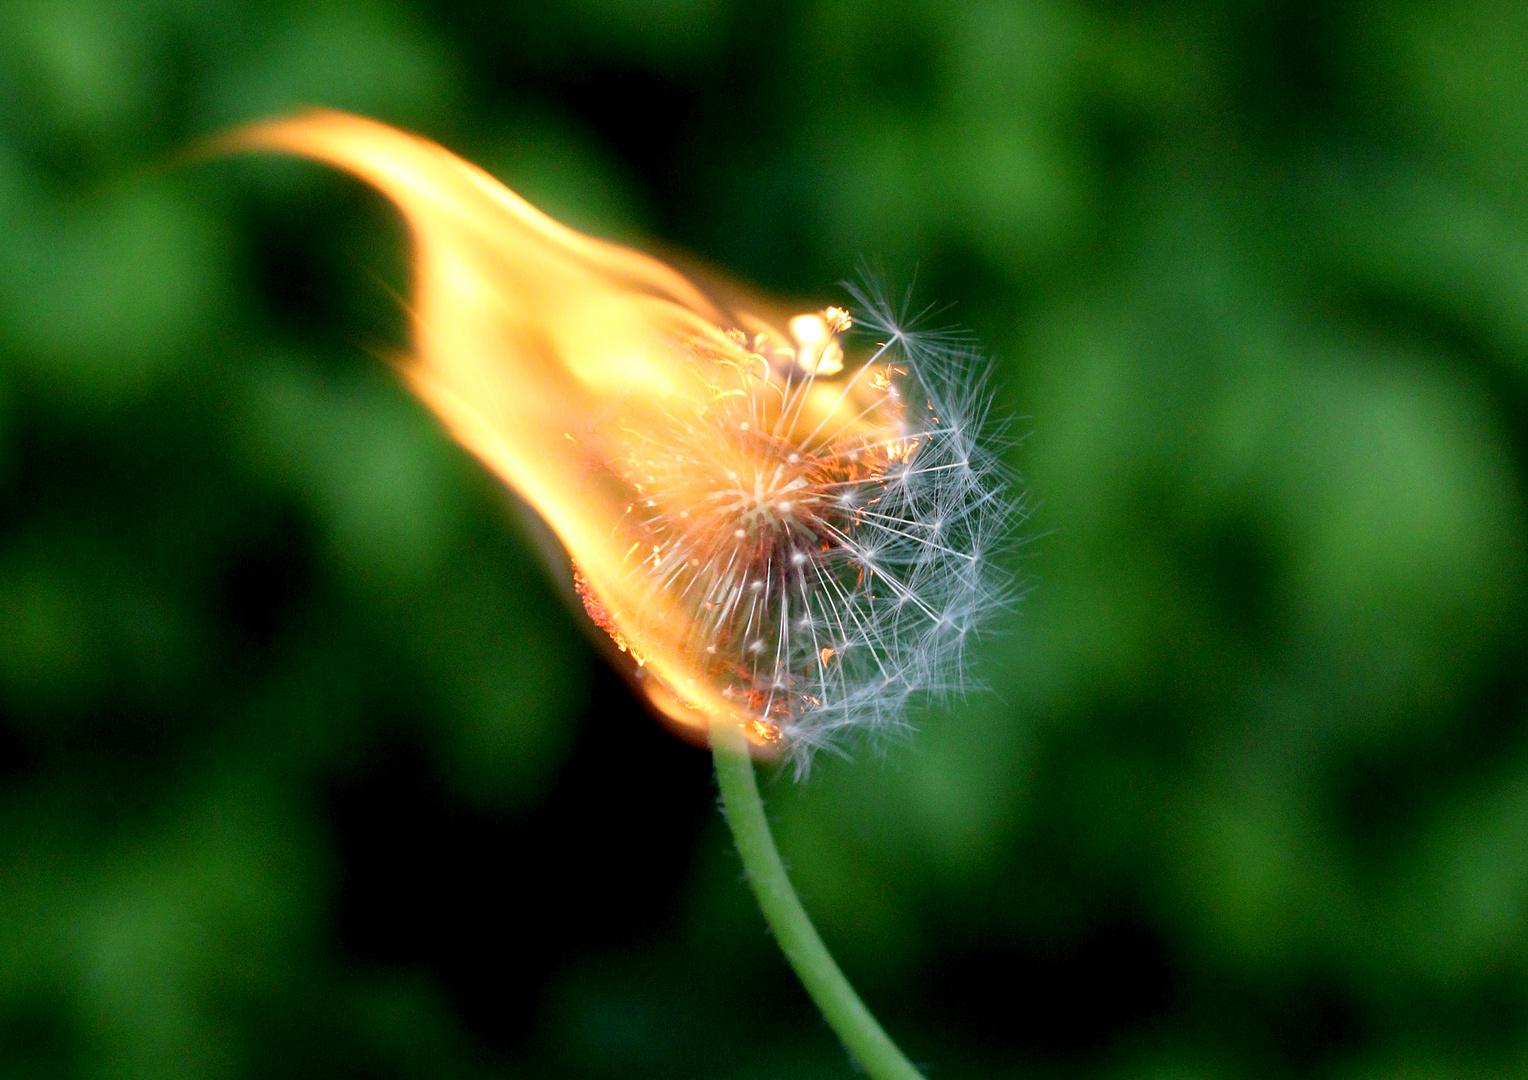 Burning Pusteblume